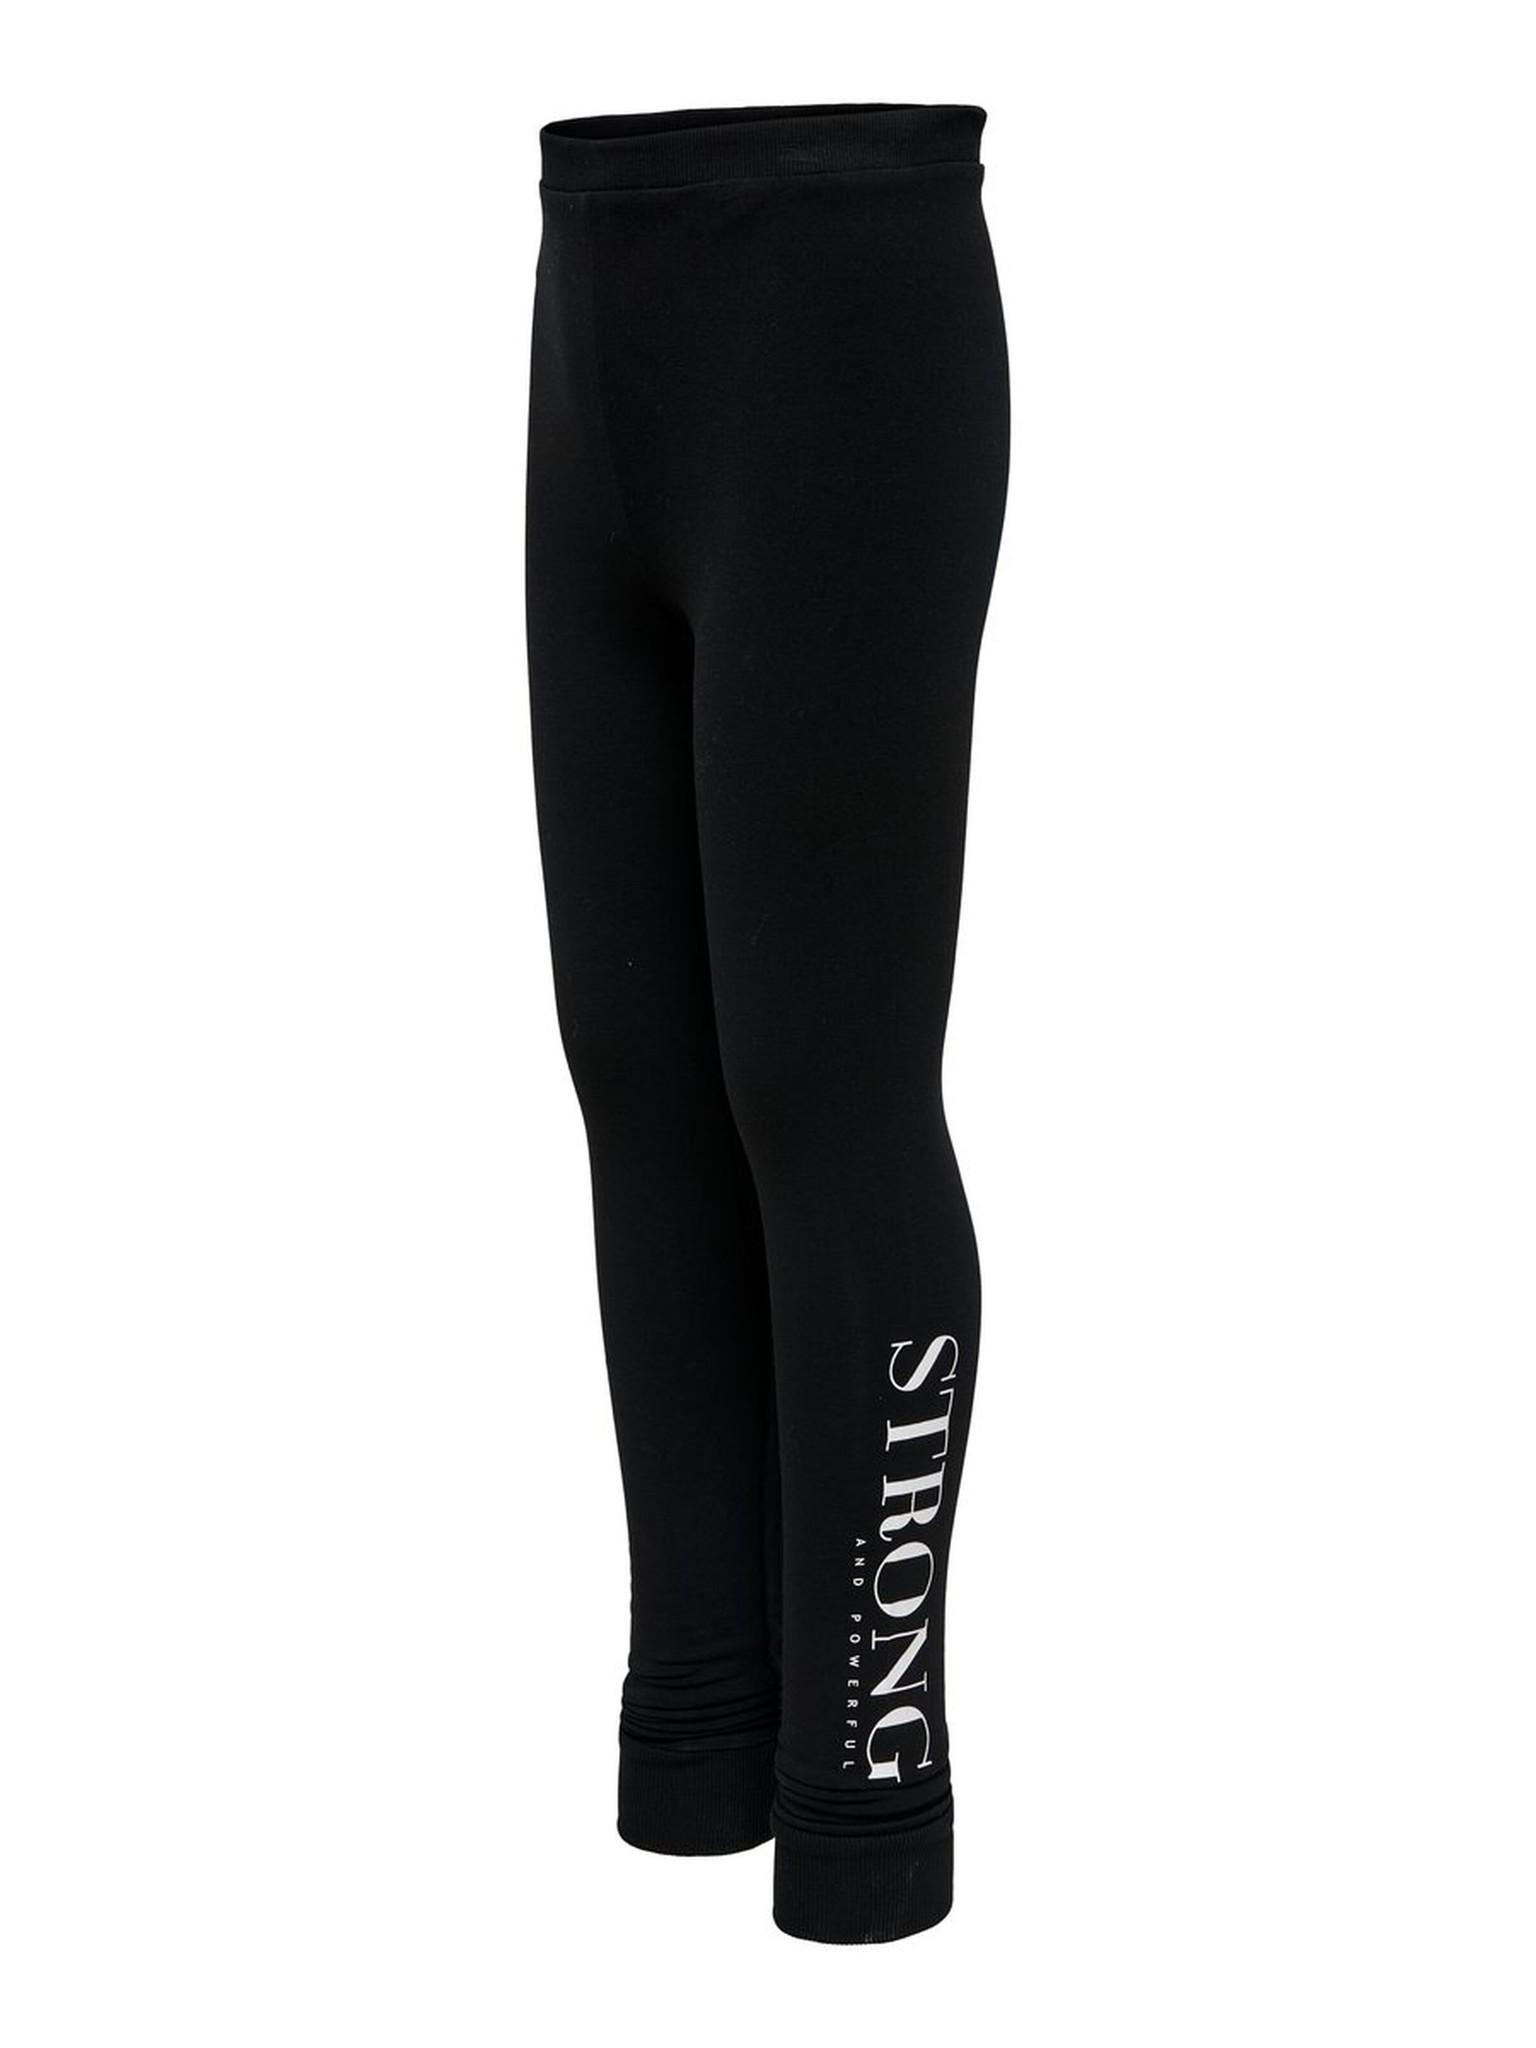 ONLY leggings basique-1